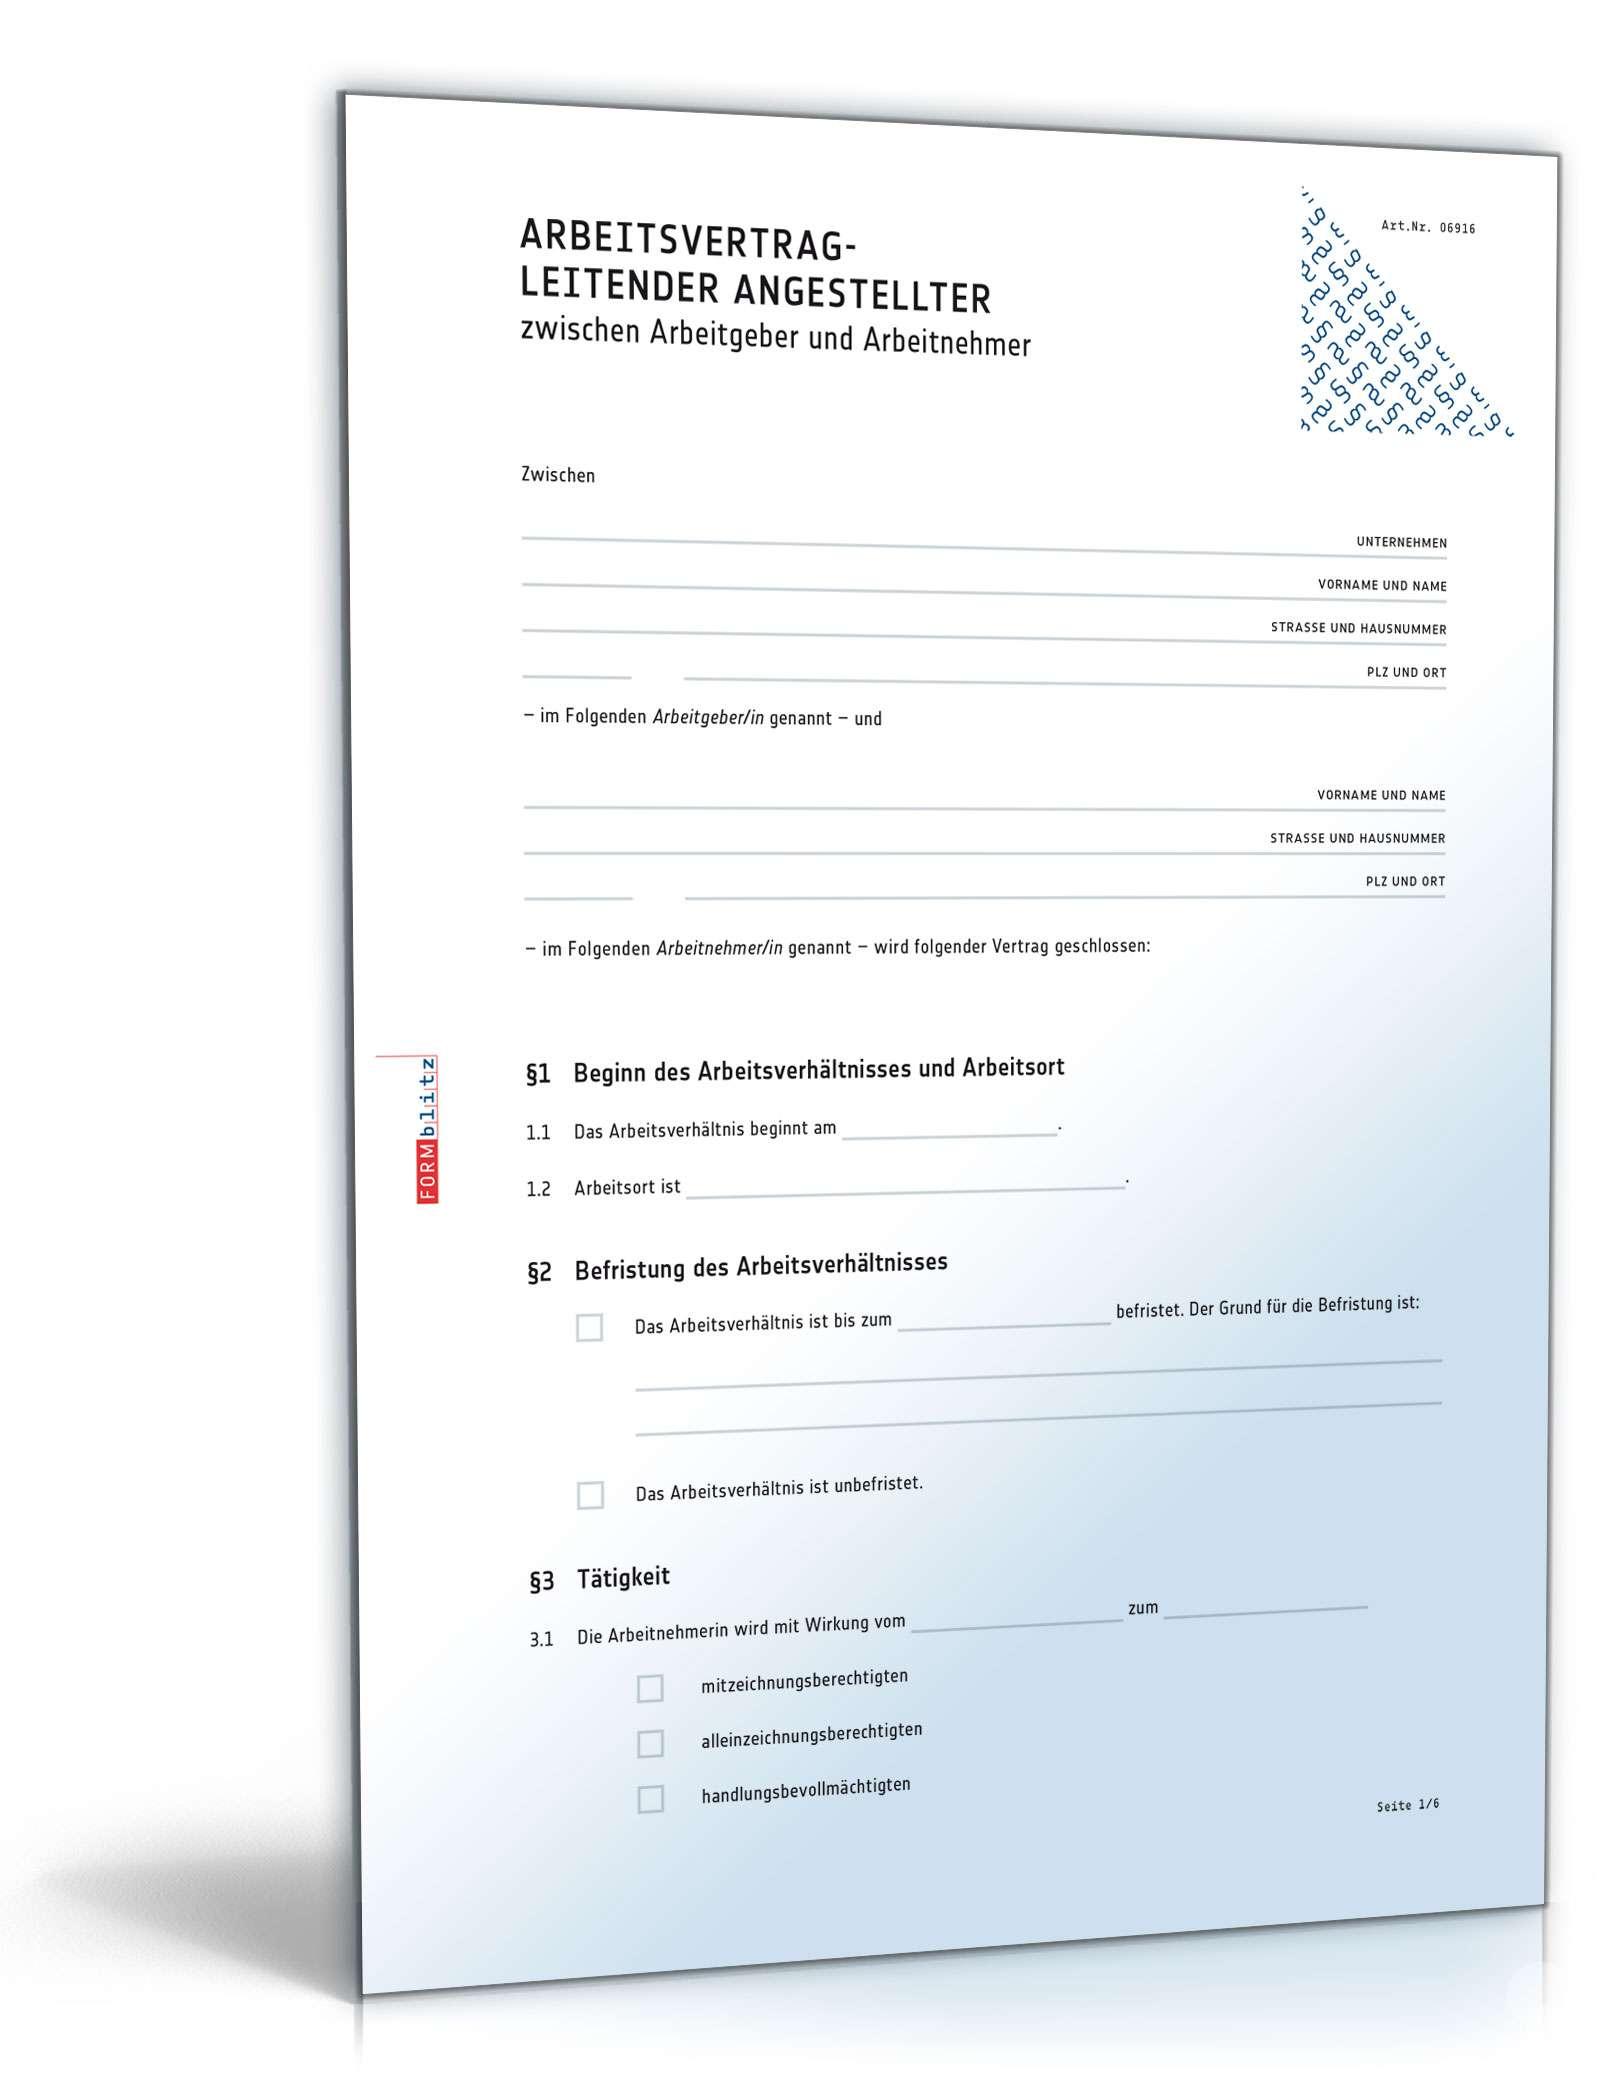 Arbeitsvertrag Leitender Angestellter Muster Vorlage Zum Download